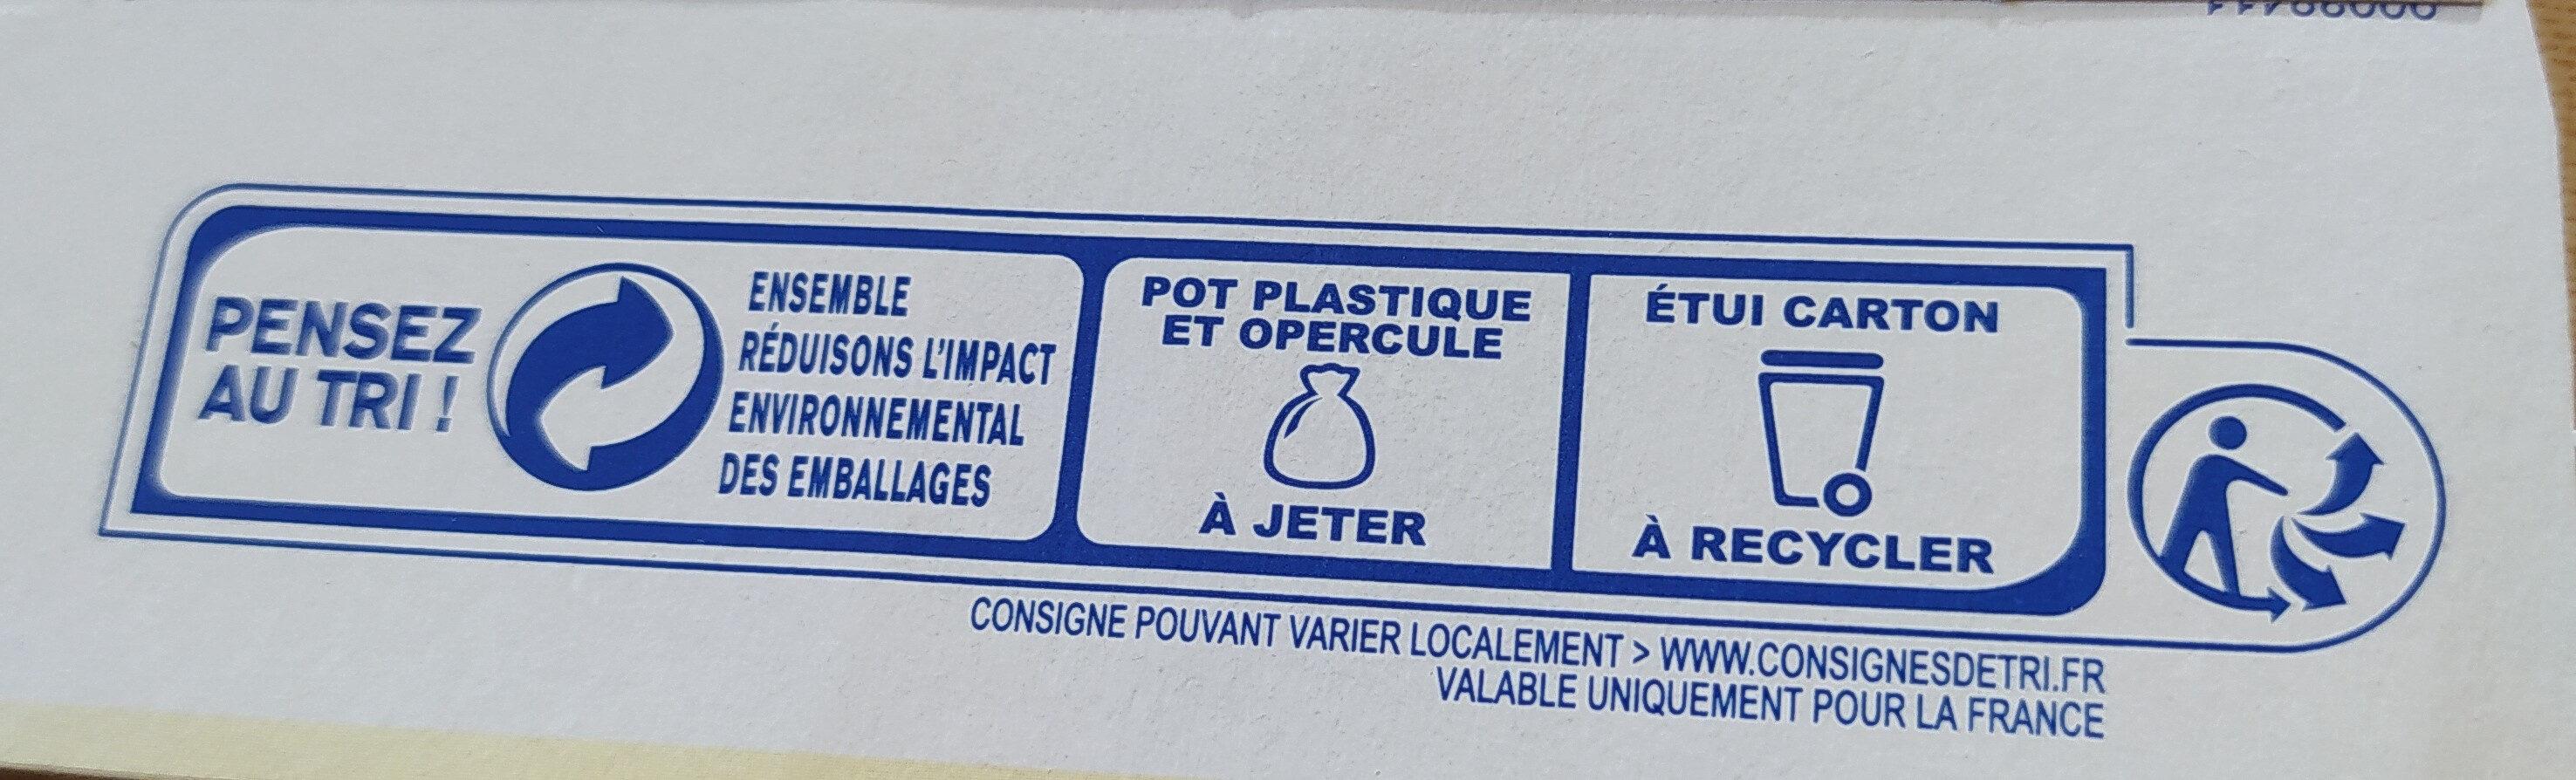 Yaourts Pâtissiers - Instruction de recyclage et/ou information d'emballage - fr